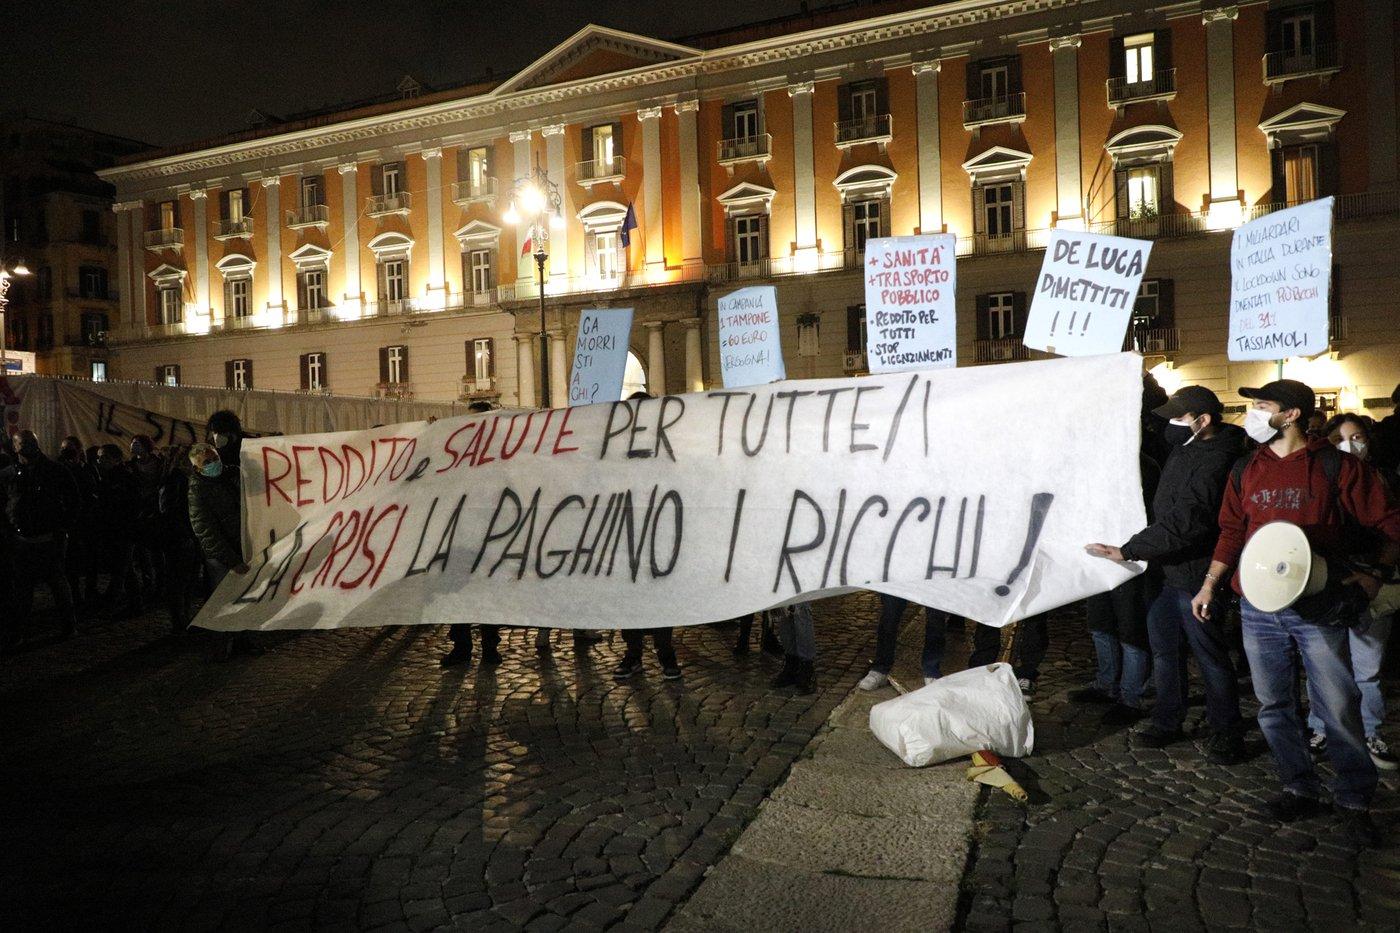 Dcpm, notte di tensioni e proteste a Milano, Torino e Napoli